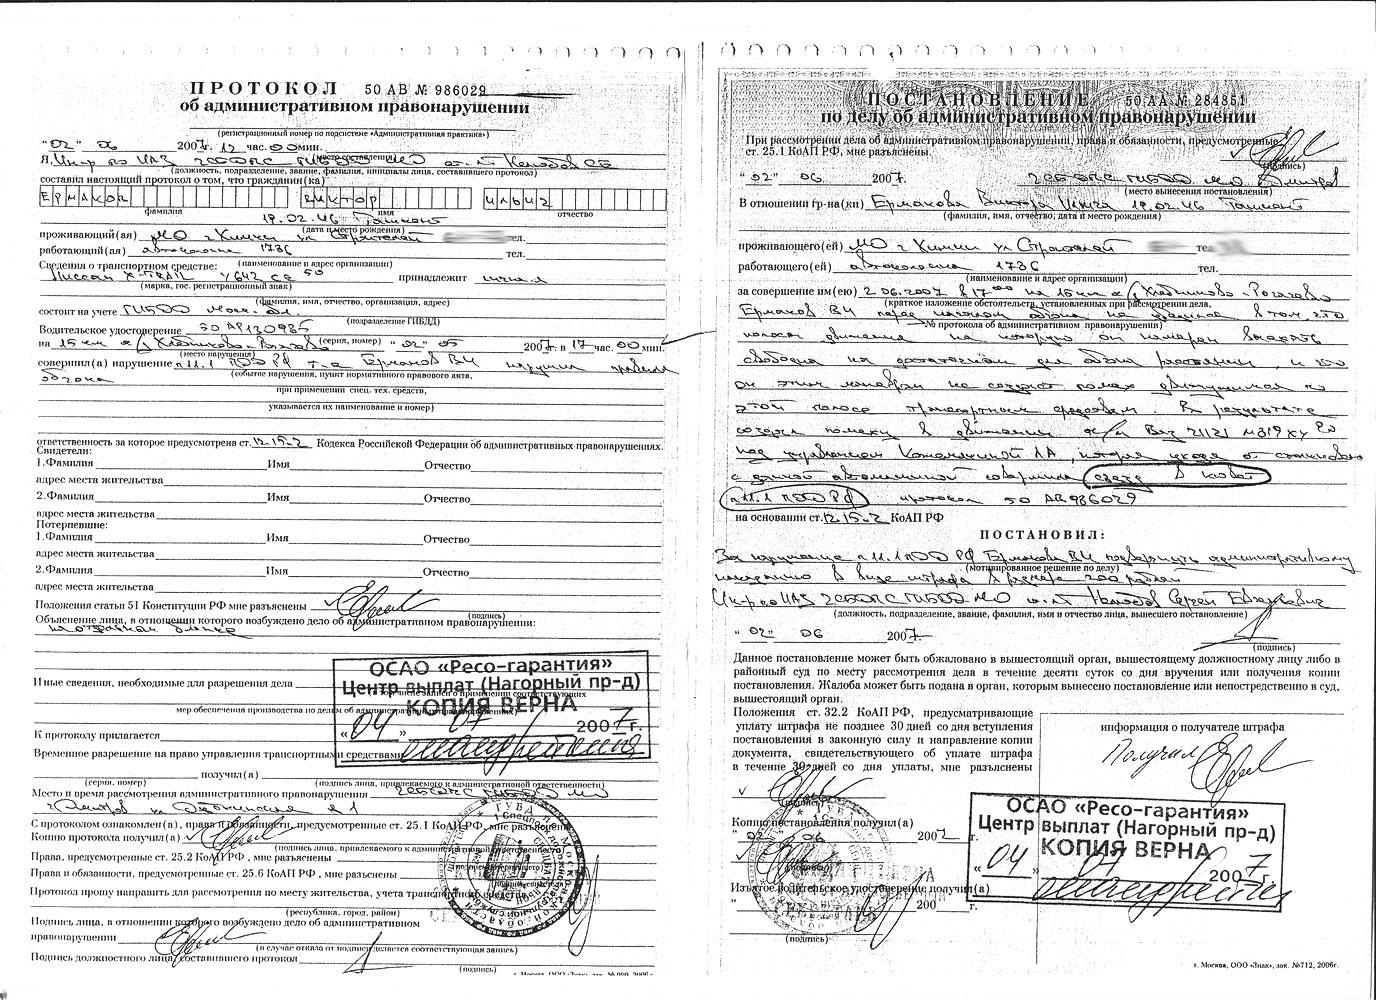 Куда в гибдд заносятся определения об продлении сроков административного расследования Лис